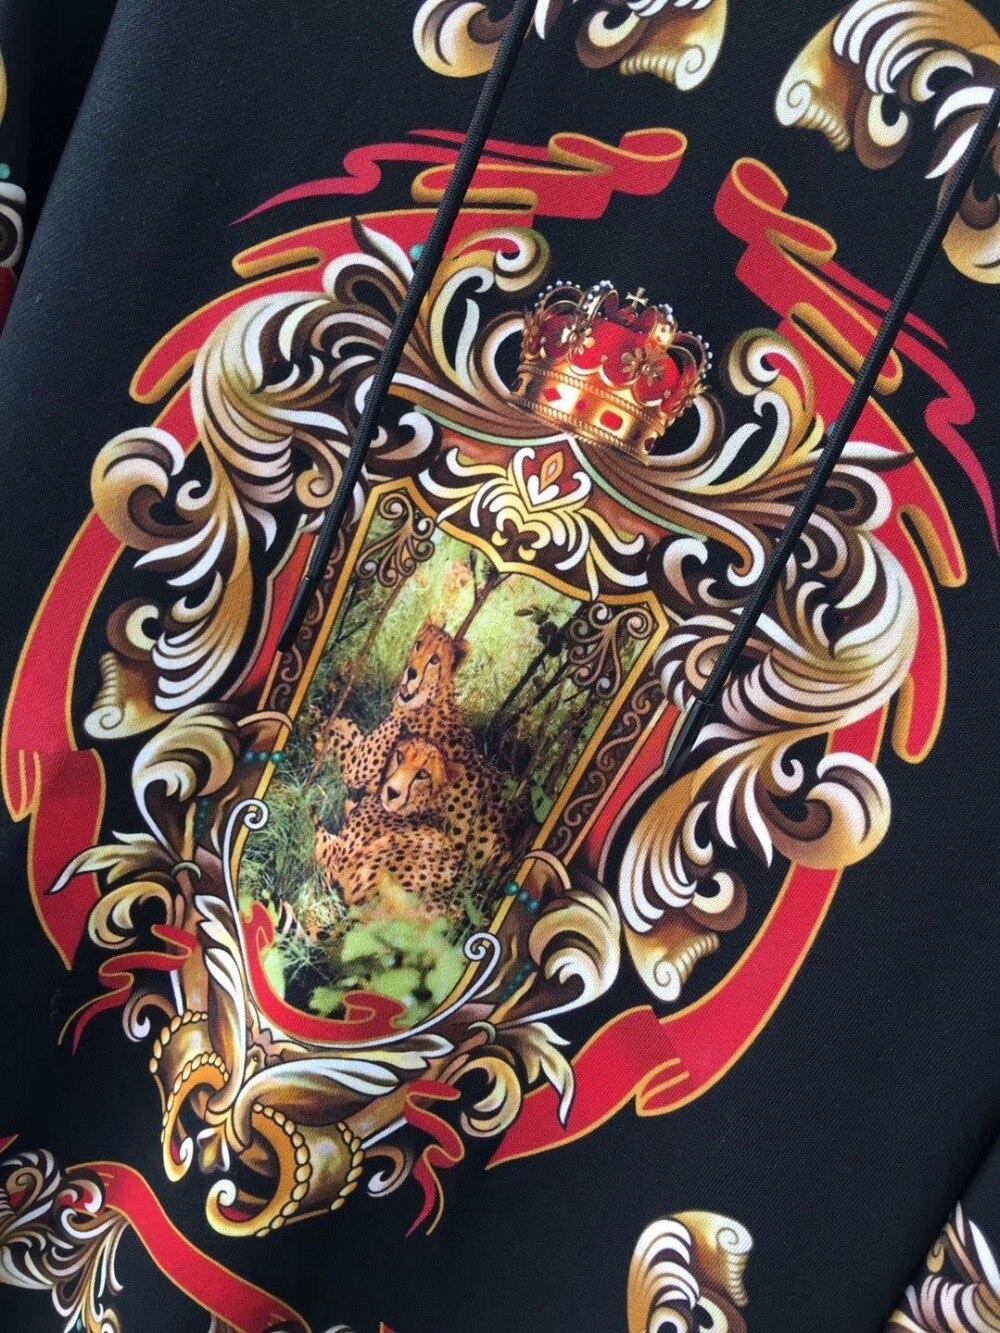 2019 Весна Новое поступление моды цветок цветочный Леопардовый принт Ретро винтажные мужские свитера и толстовки Дизайнерская одежда - 3